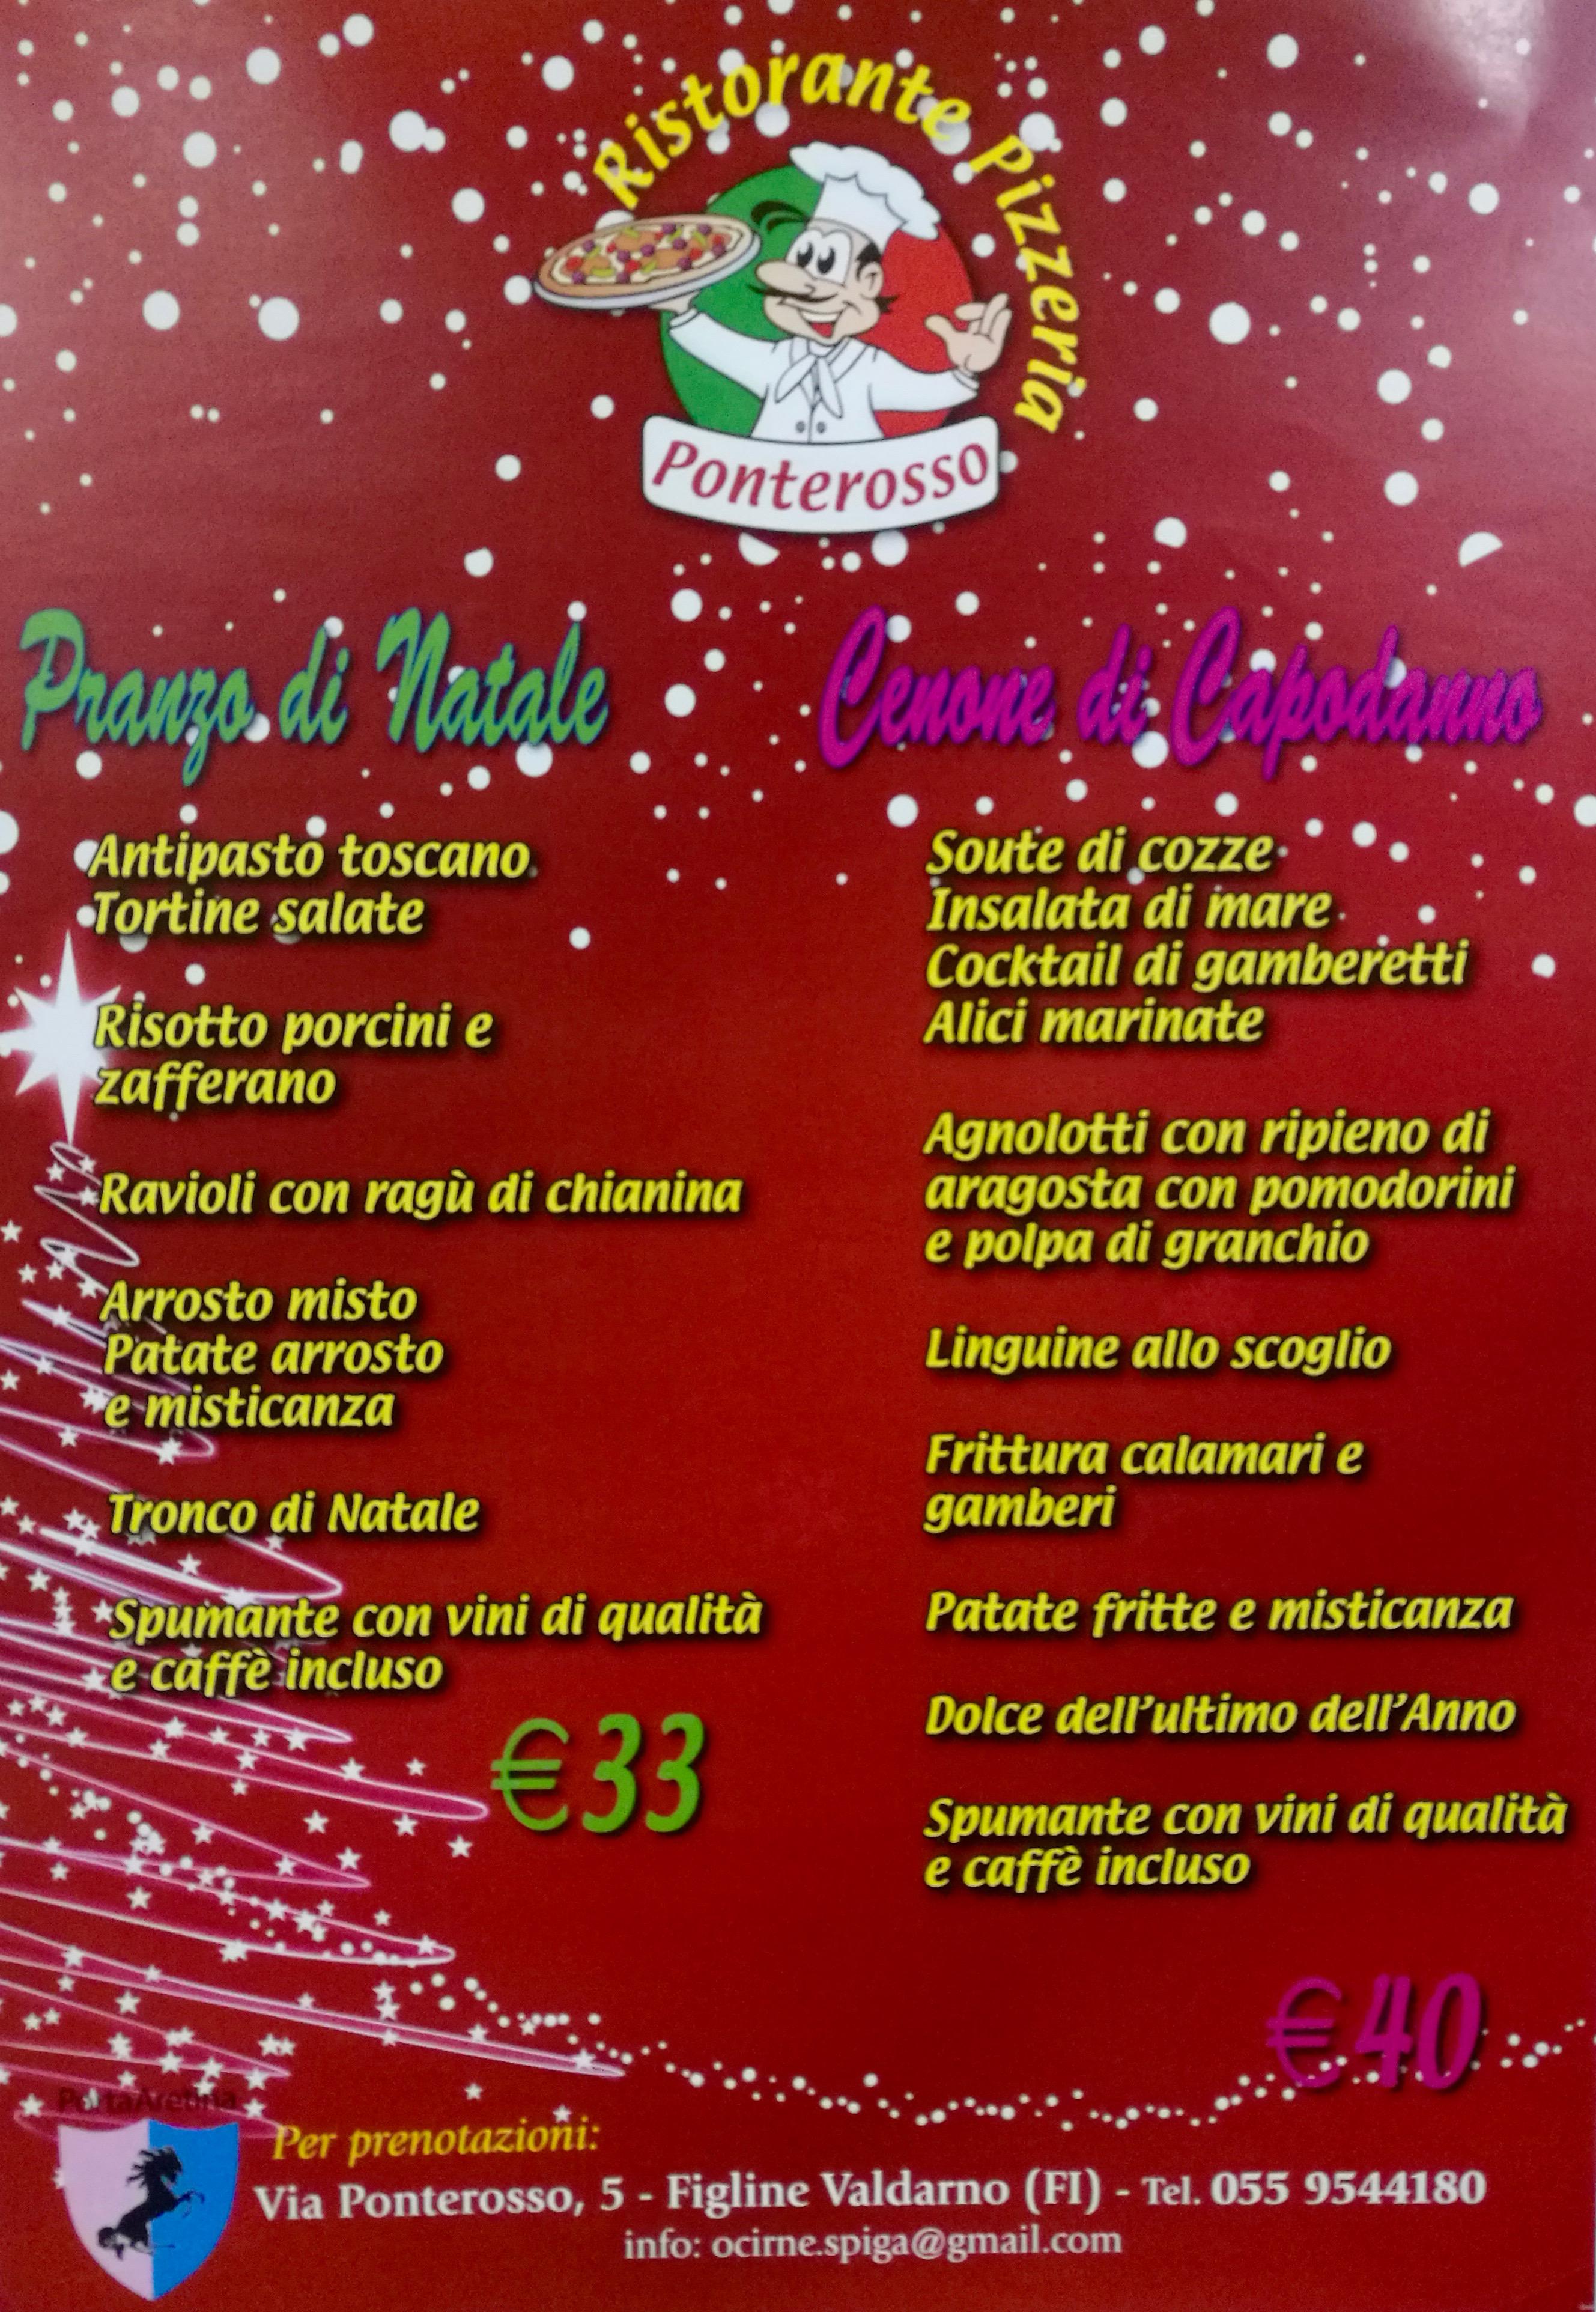 Immagini Natale E Capodanno.Natale E Capodanno Al Ristorante Pizzeria Ponterosso